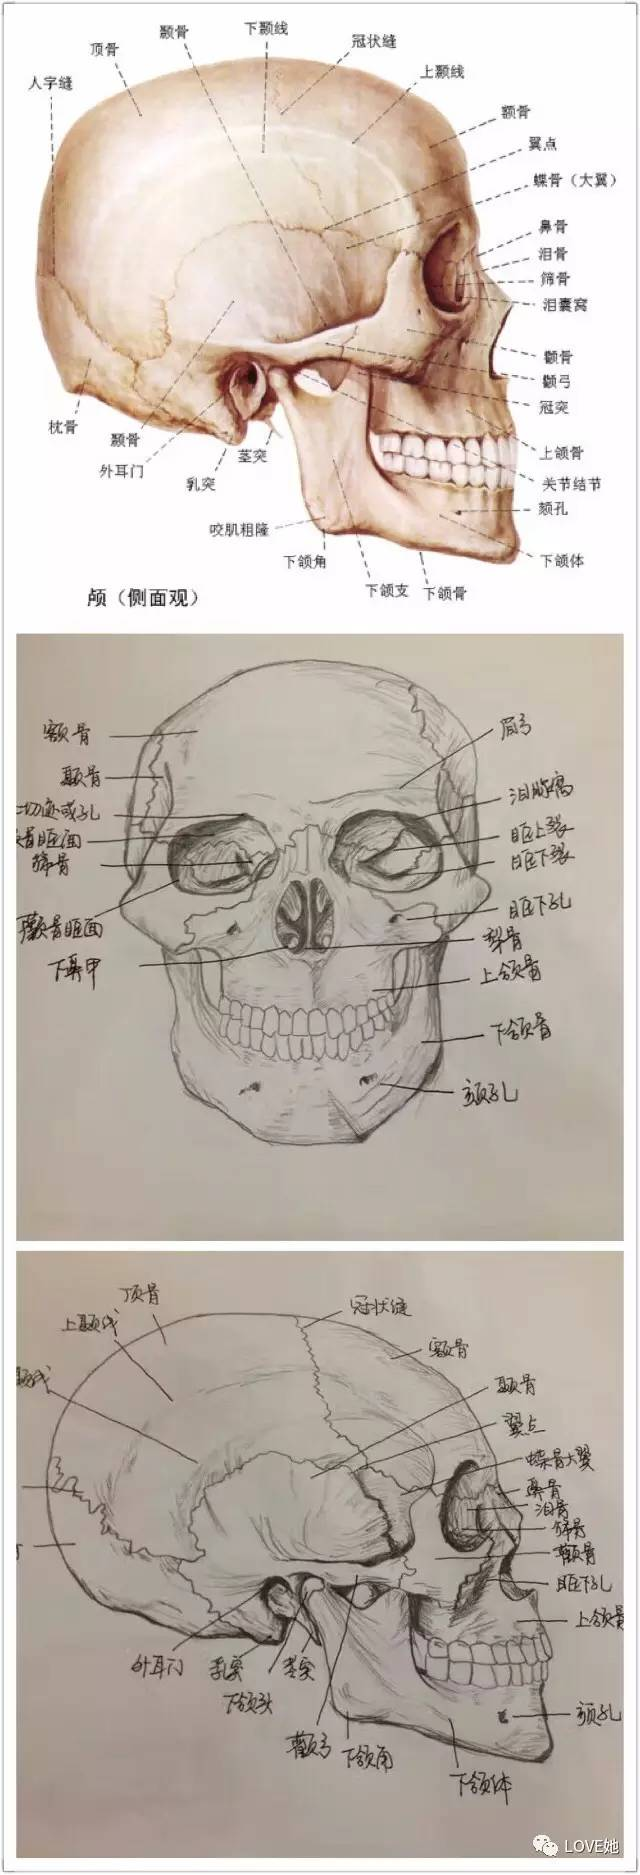 手绘人体解剖图解压!福州这女生